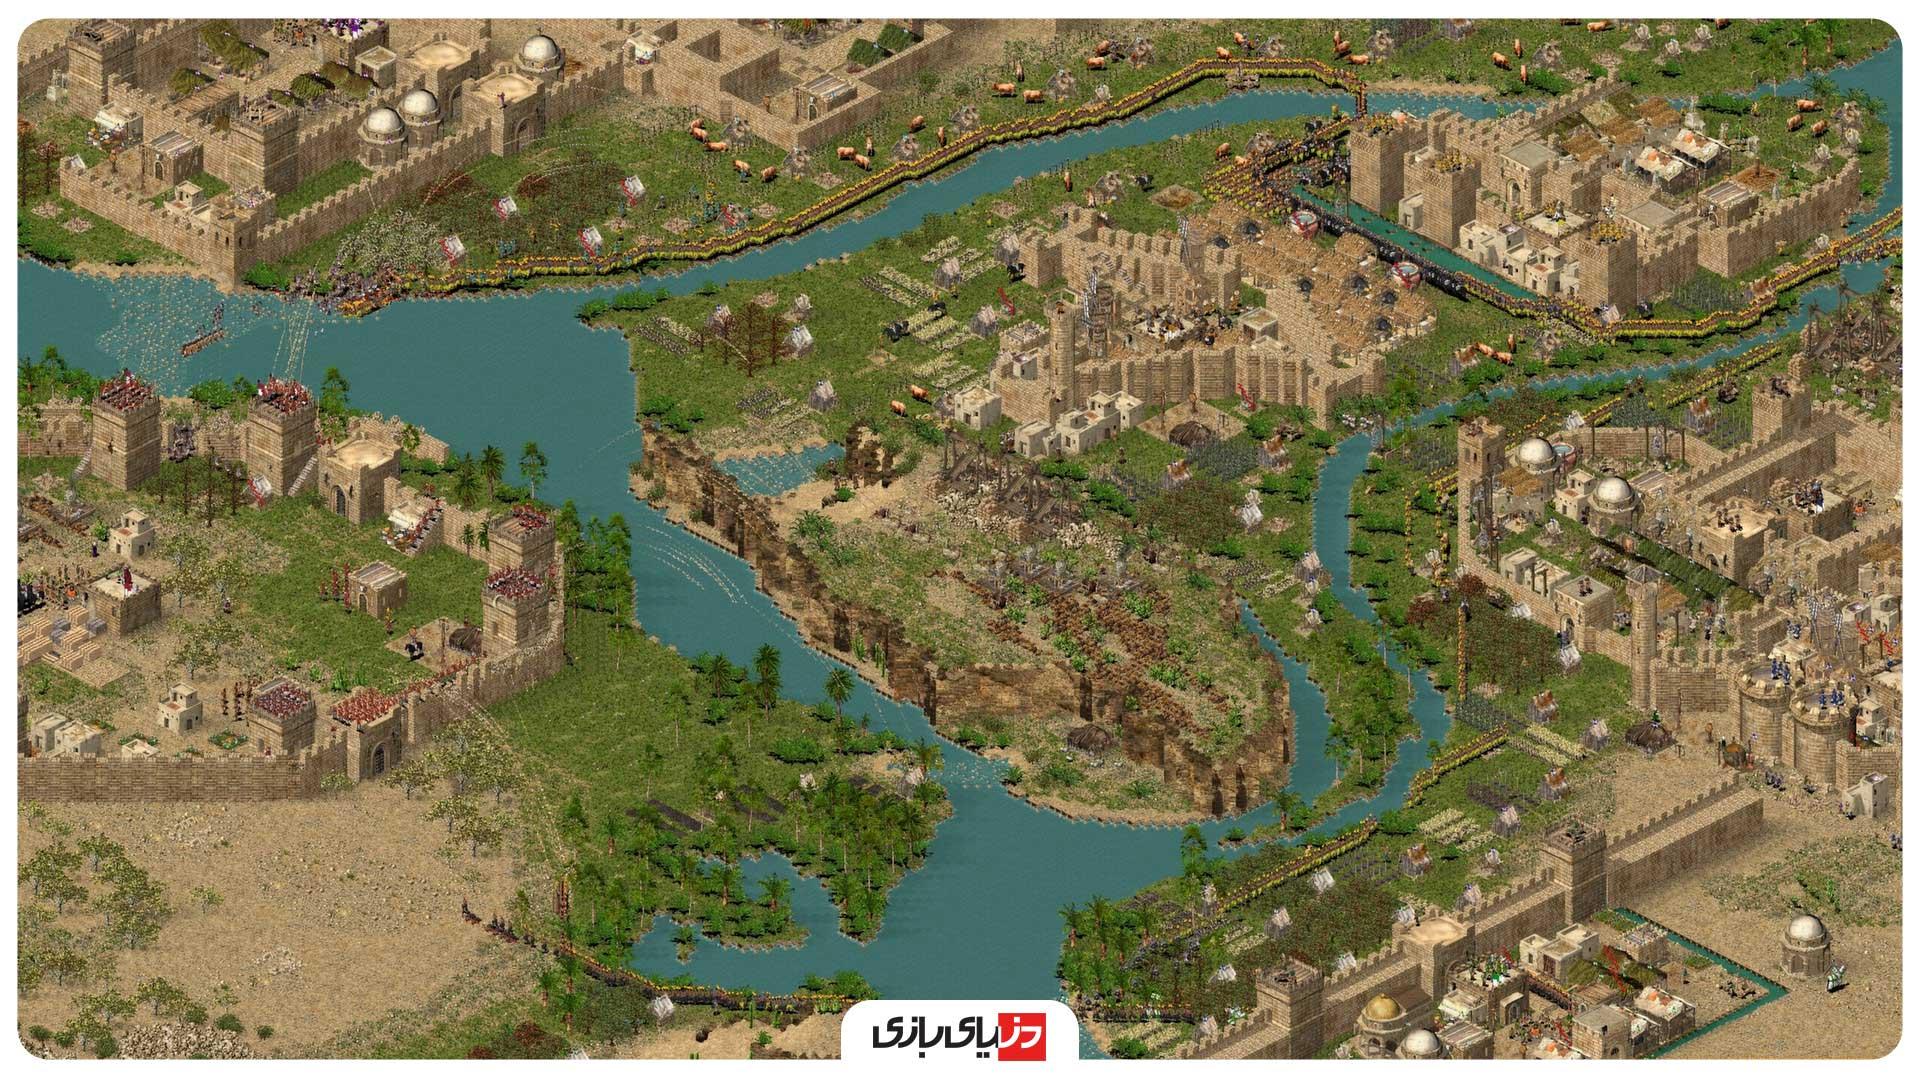 بازی جنگی کامپیوتر Stronghold Crusader Extreme